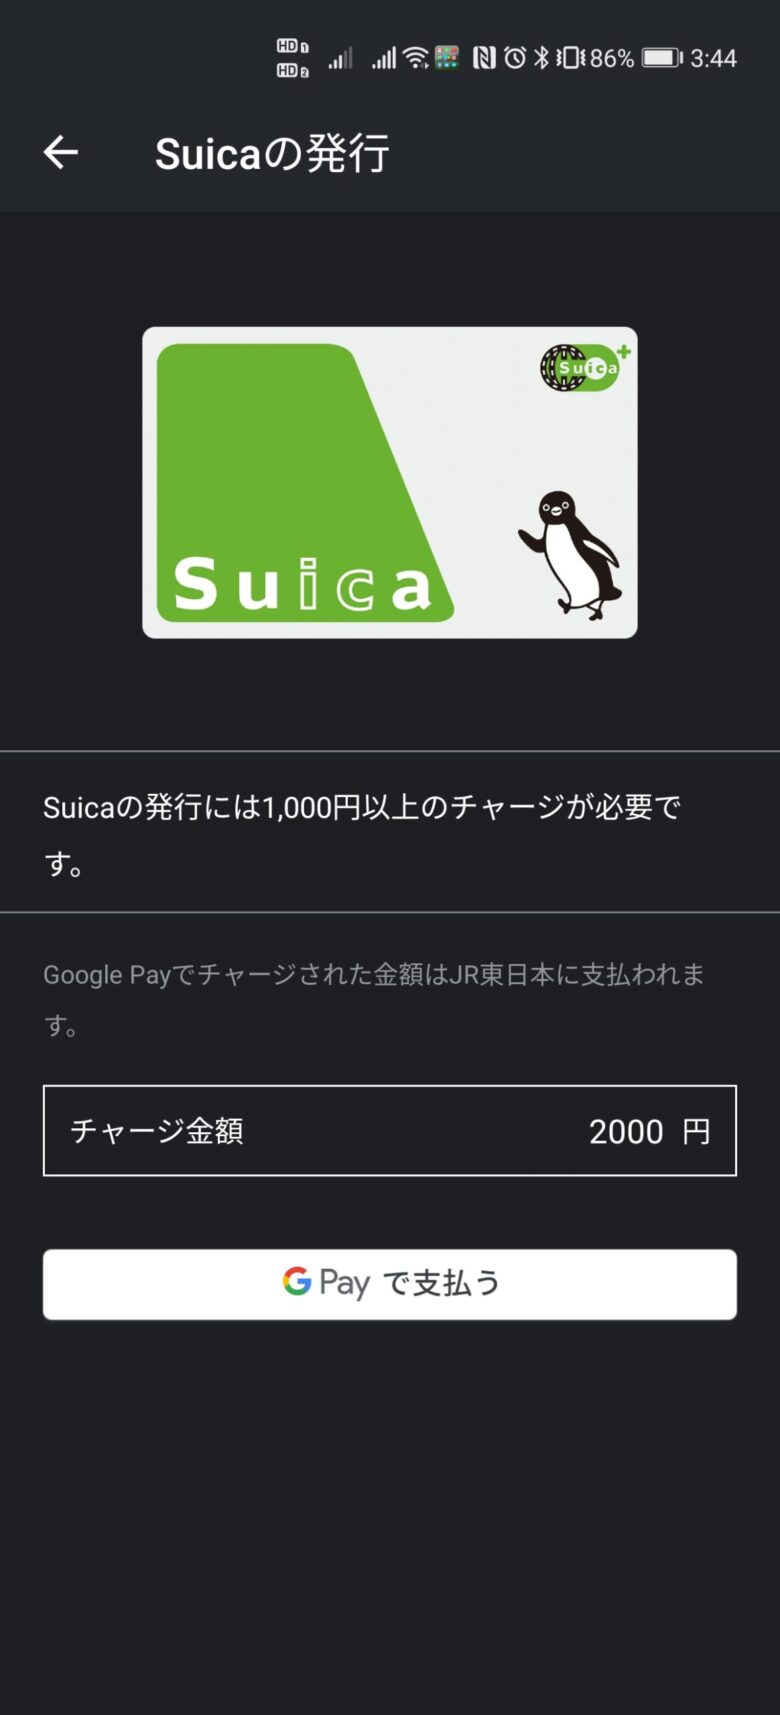 wena 3アプリからSuicaにチャージする際の画面です。